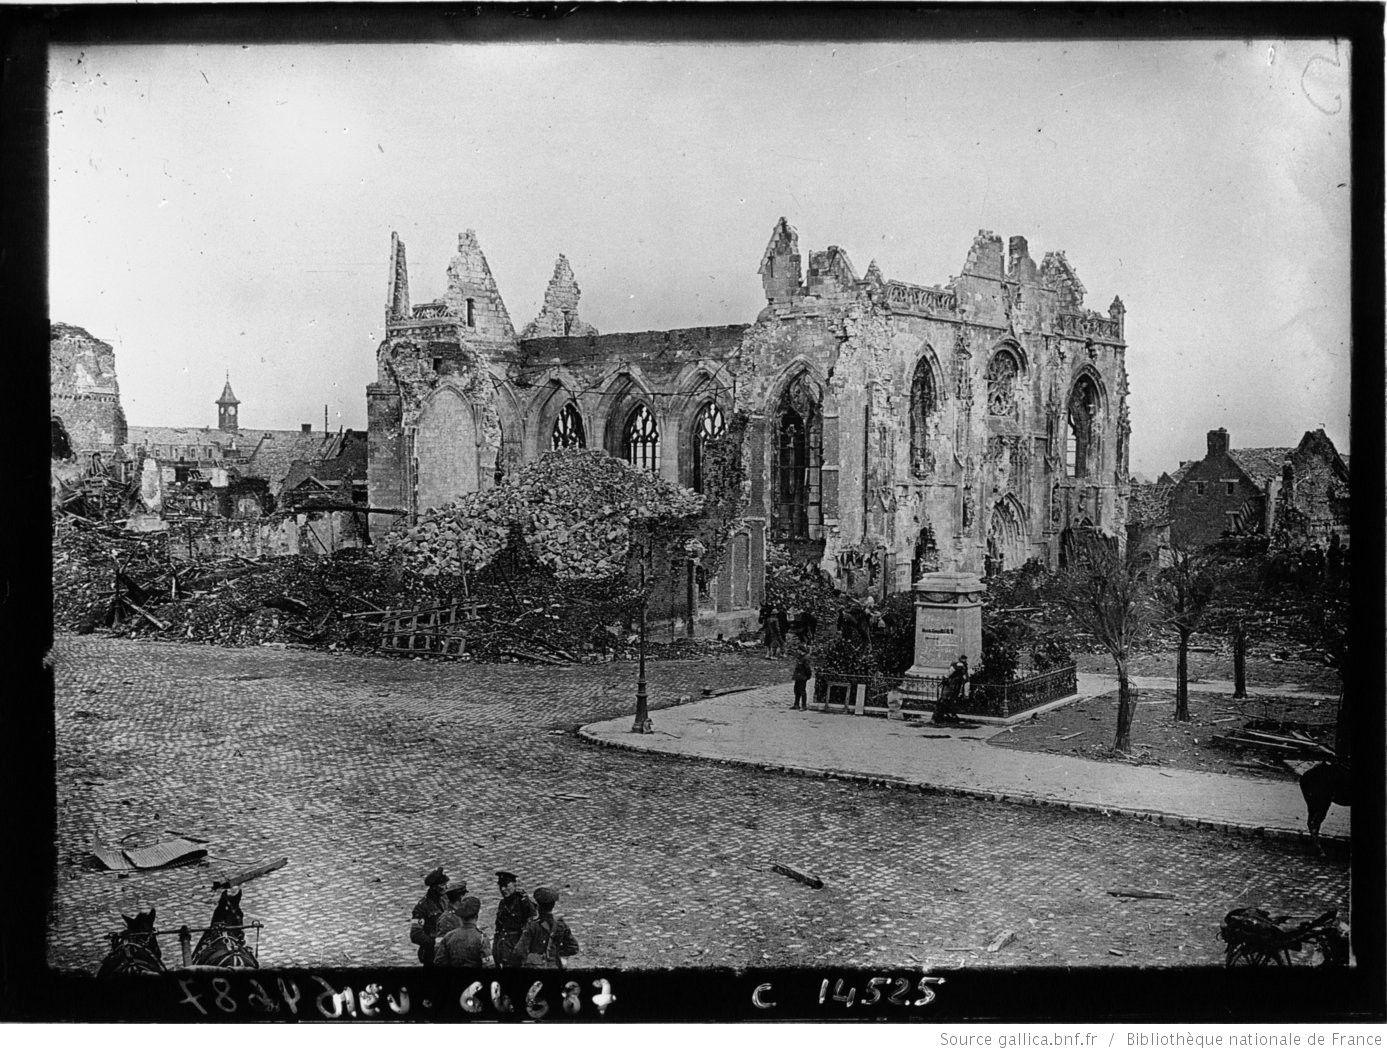 Péronne, la cathédrale : [photographie de presse] / Agence Meurisse | Gallica